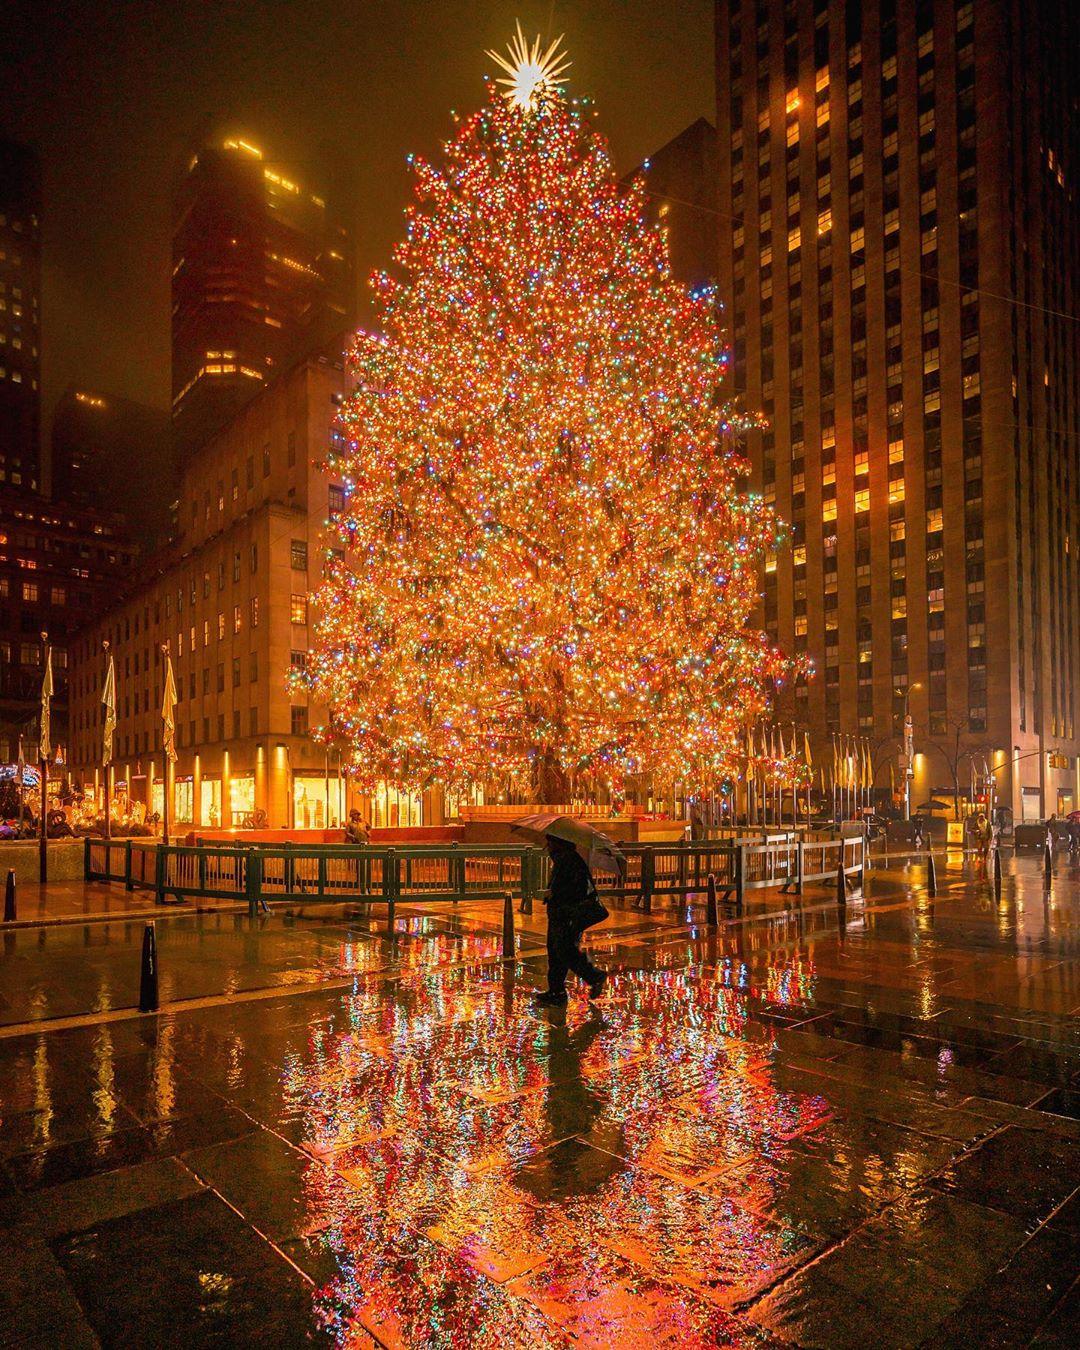 Городские пейзажи и уличные снимки Нью-Йорка от Сидни Чуа